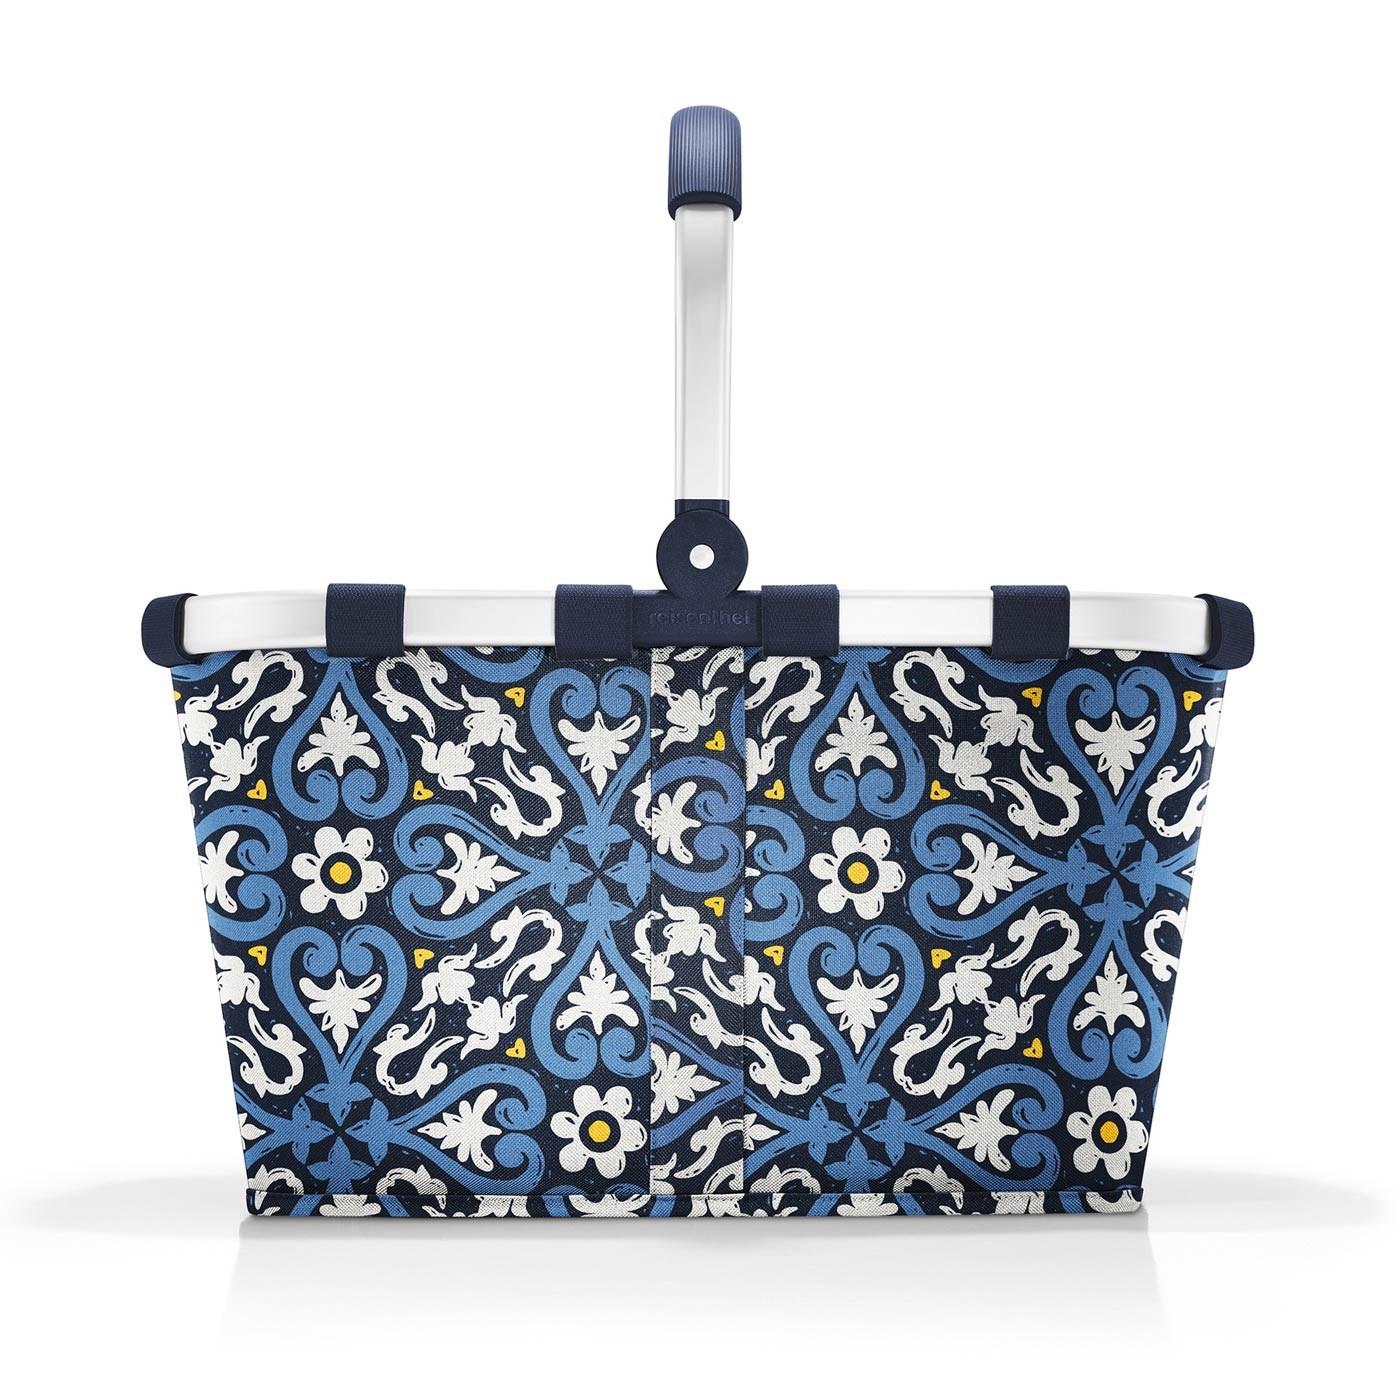 Nákupní košík Carrybag floral 1_2